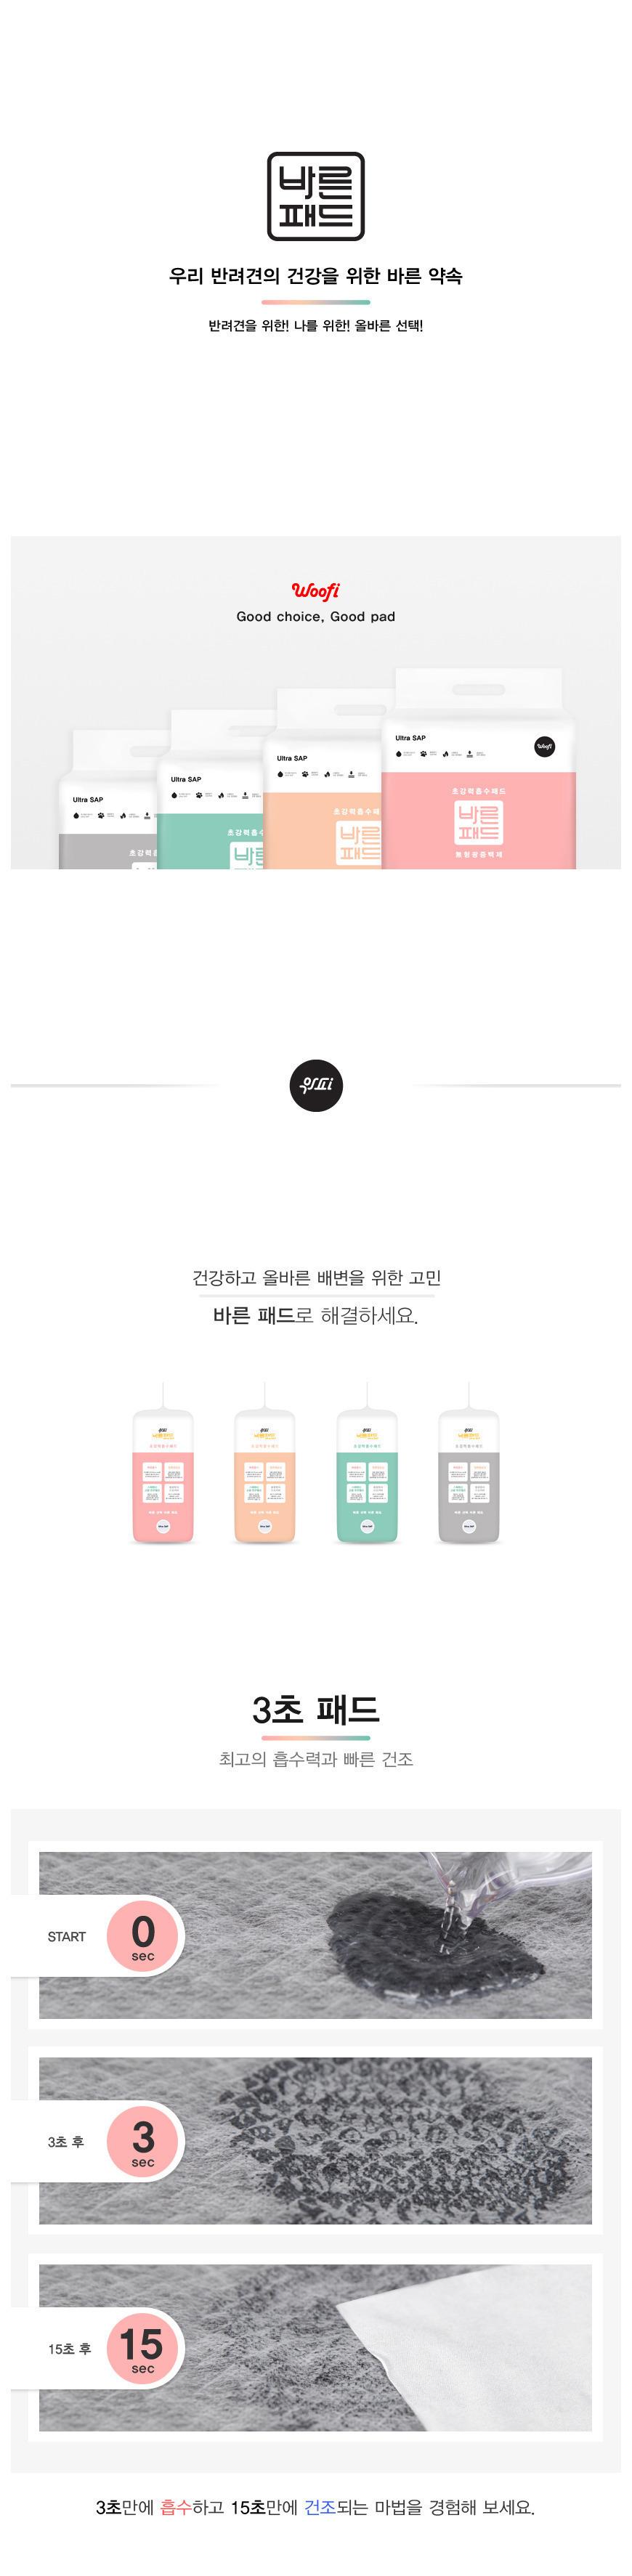 배변교육SET 워피 바른배변패드 50매 핑크(레몬향) - 스토어봄, 7,700원, 위생/배변용품, 패드